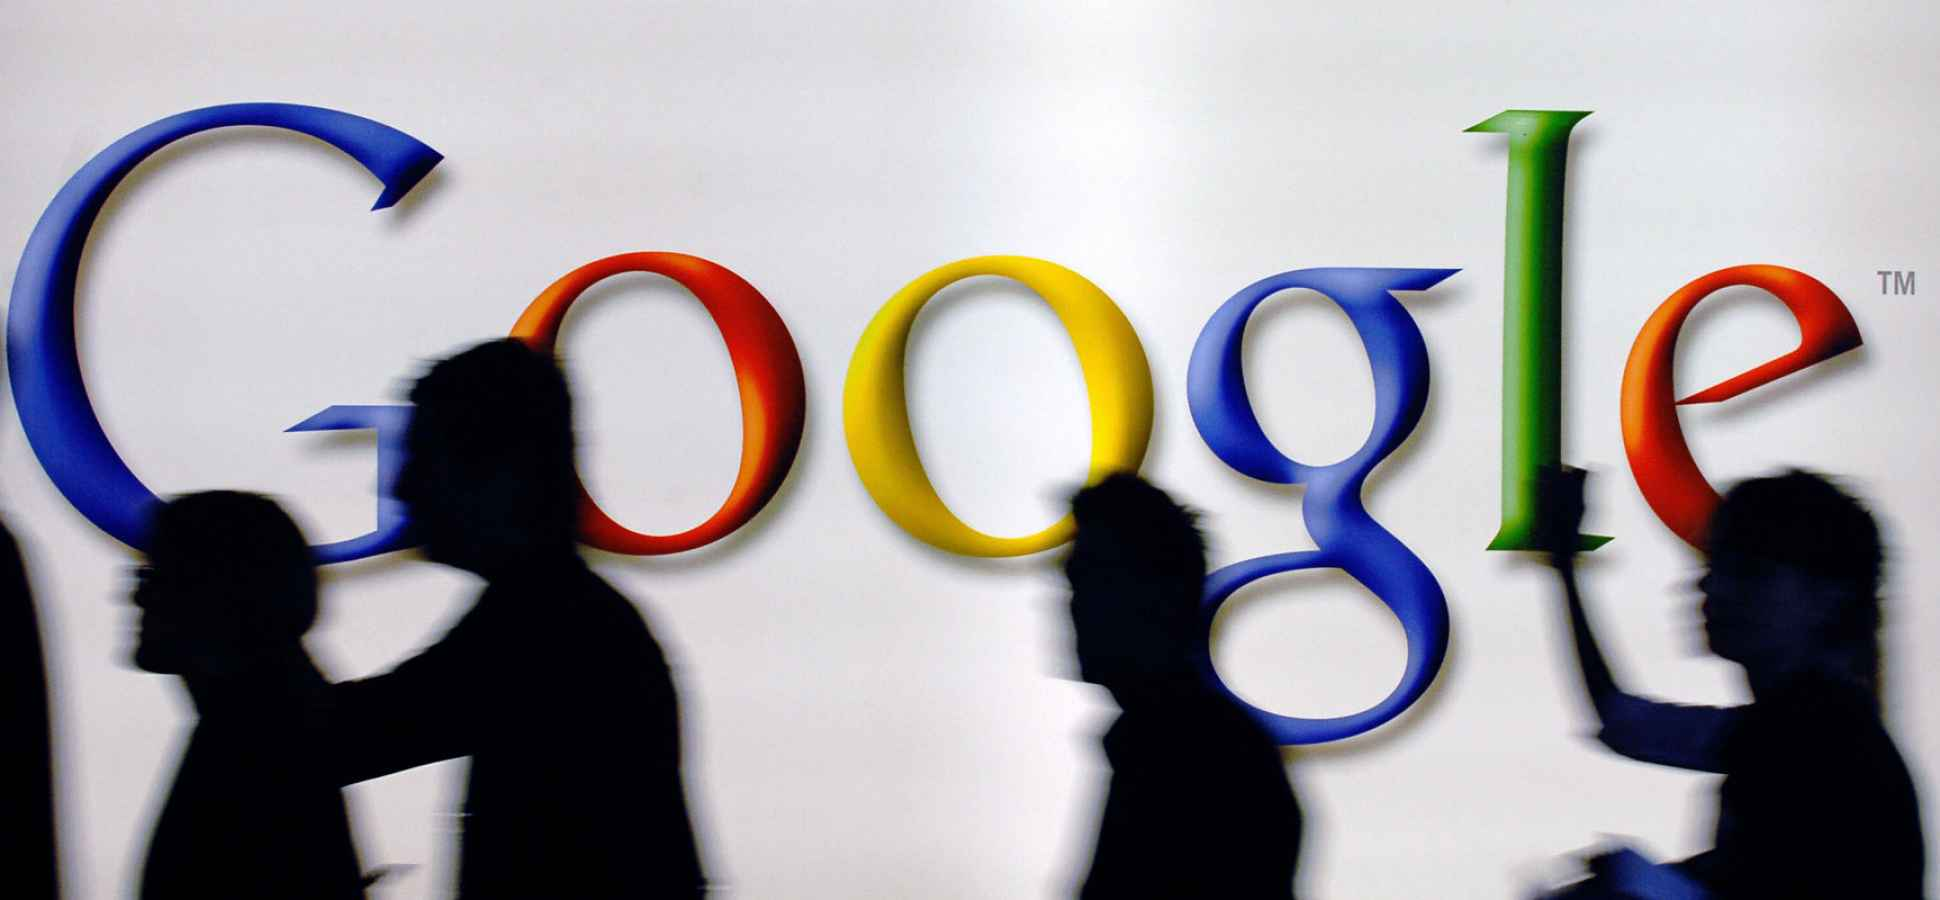 Google's Must-Learn Secret of Success